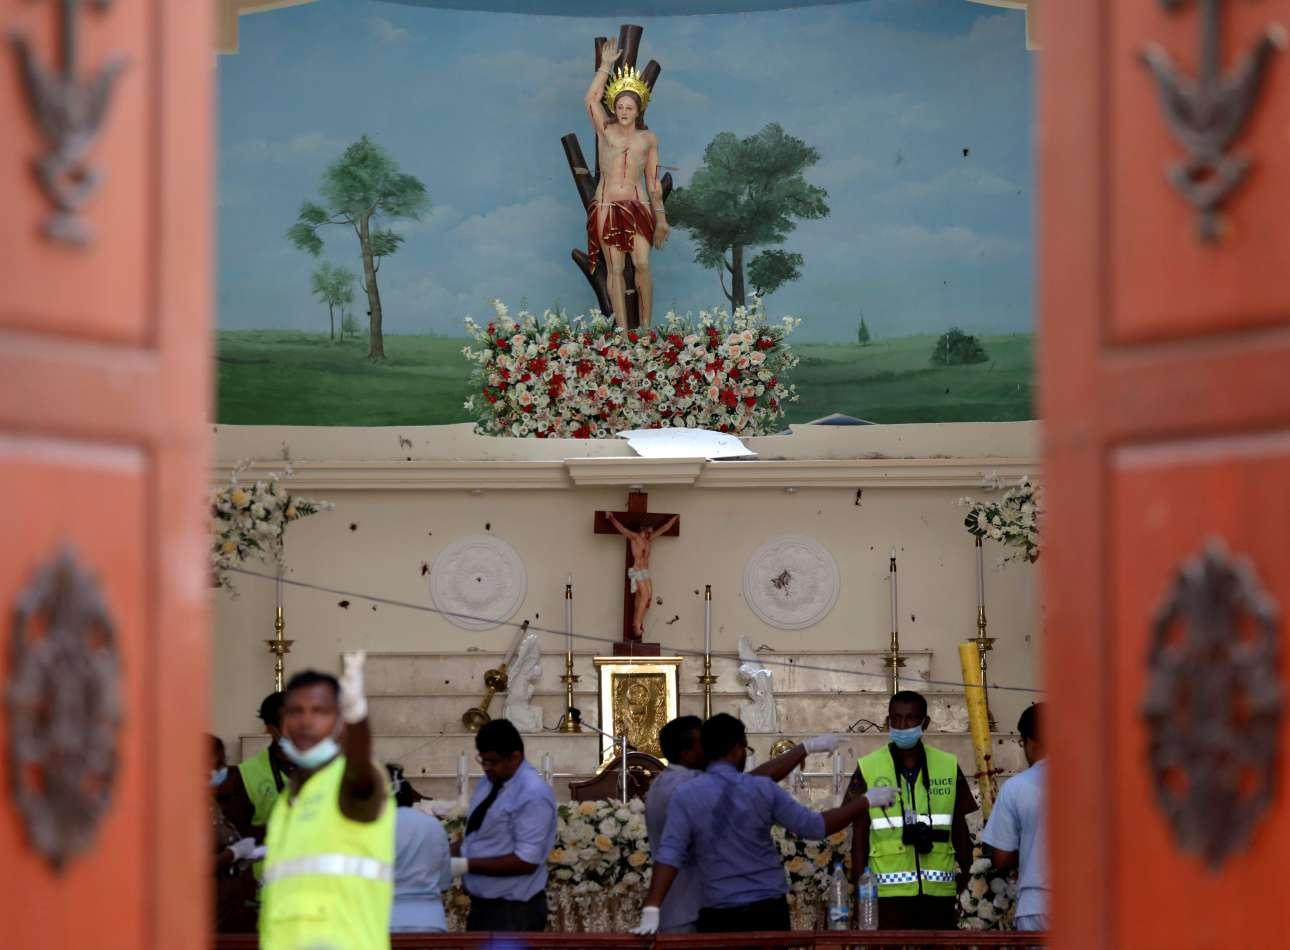 Μία από τις εκκλησίες που χτυπήθηκαν ήταν του Αγίου Σεβαστιανού στο Νεγκόμπο